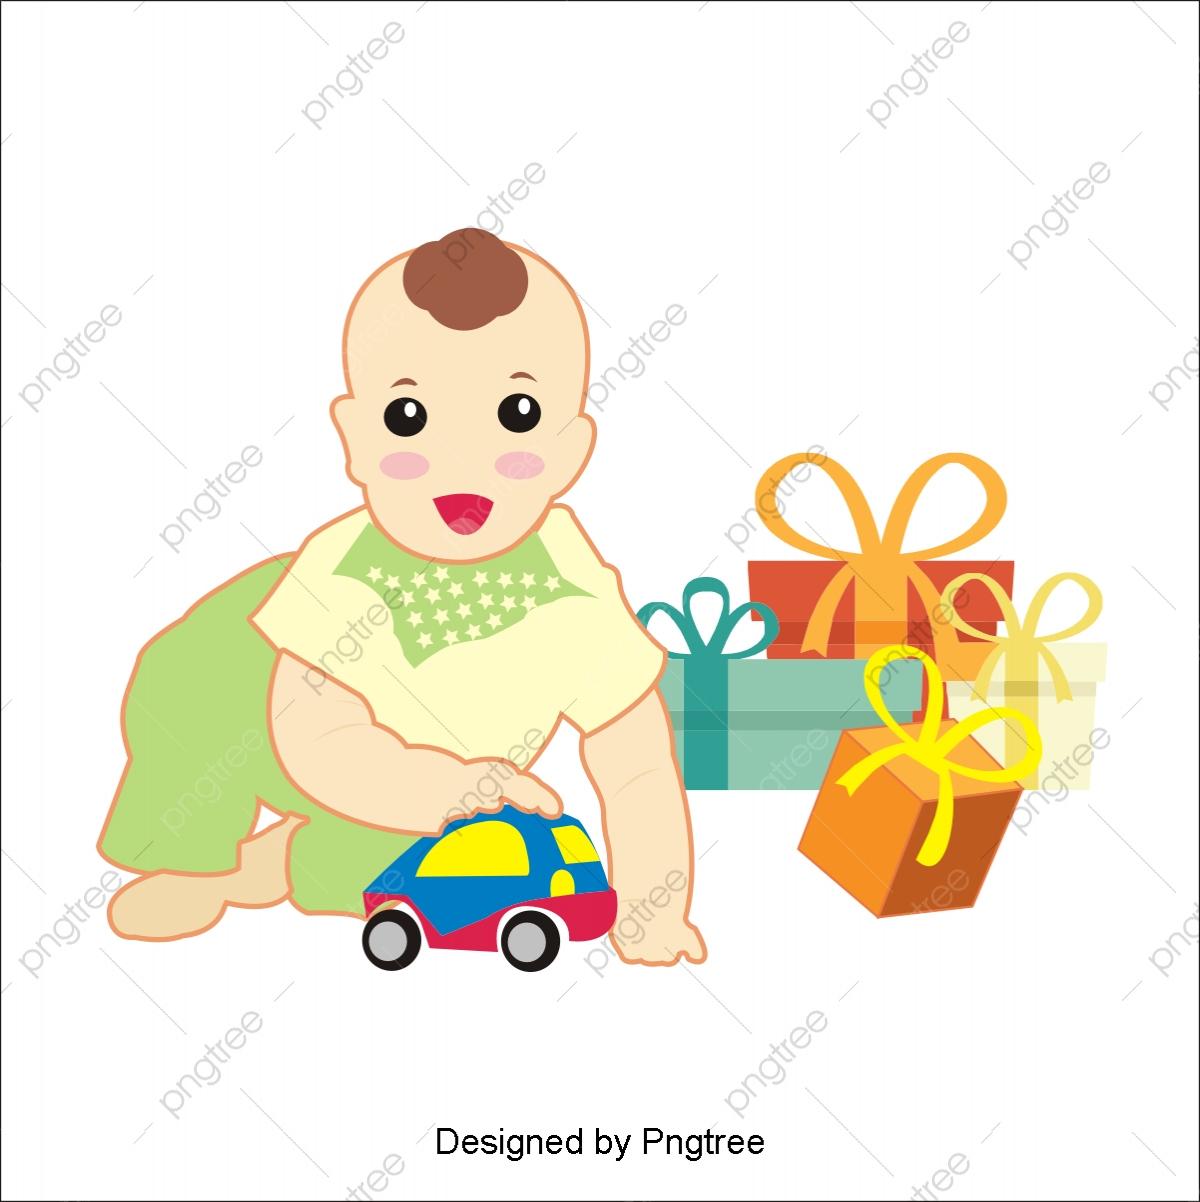 Un Jouet Pour Bébé, Voiture D'enfant, Ours En Peluche Png Et destiné Jouet Pour Voiture Bébé